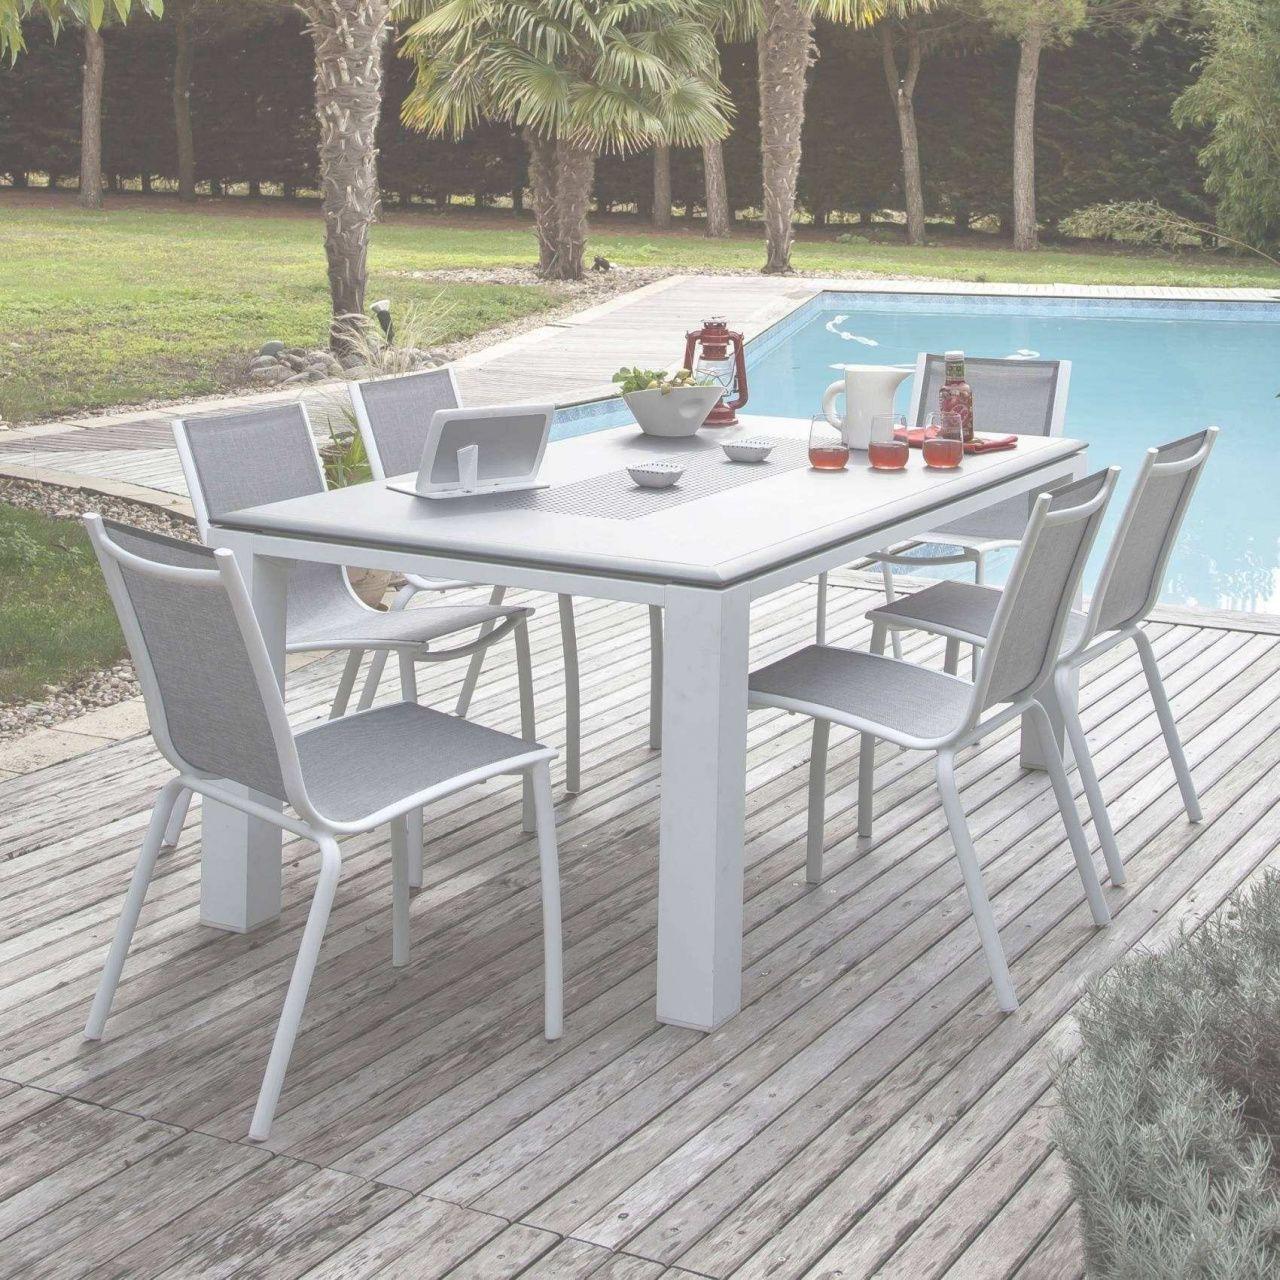 50 Centrakor Table De Jardin | Table De Jardin, Meuble Jardin pour Table De Jardin Centrakor